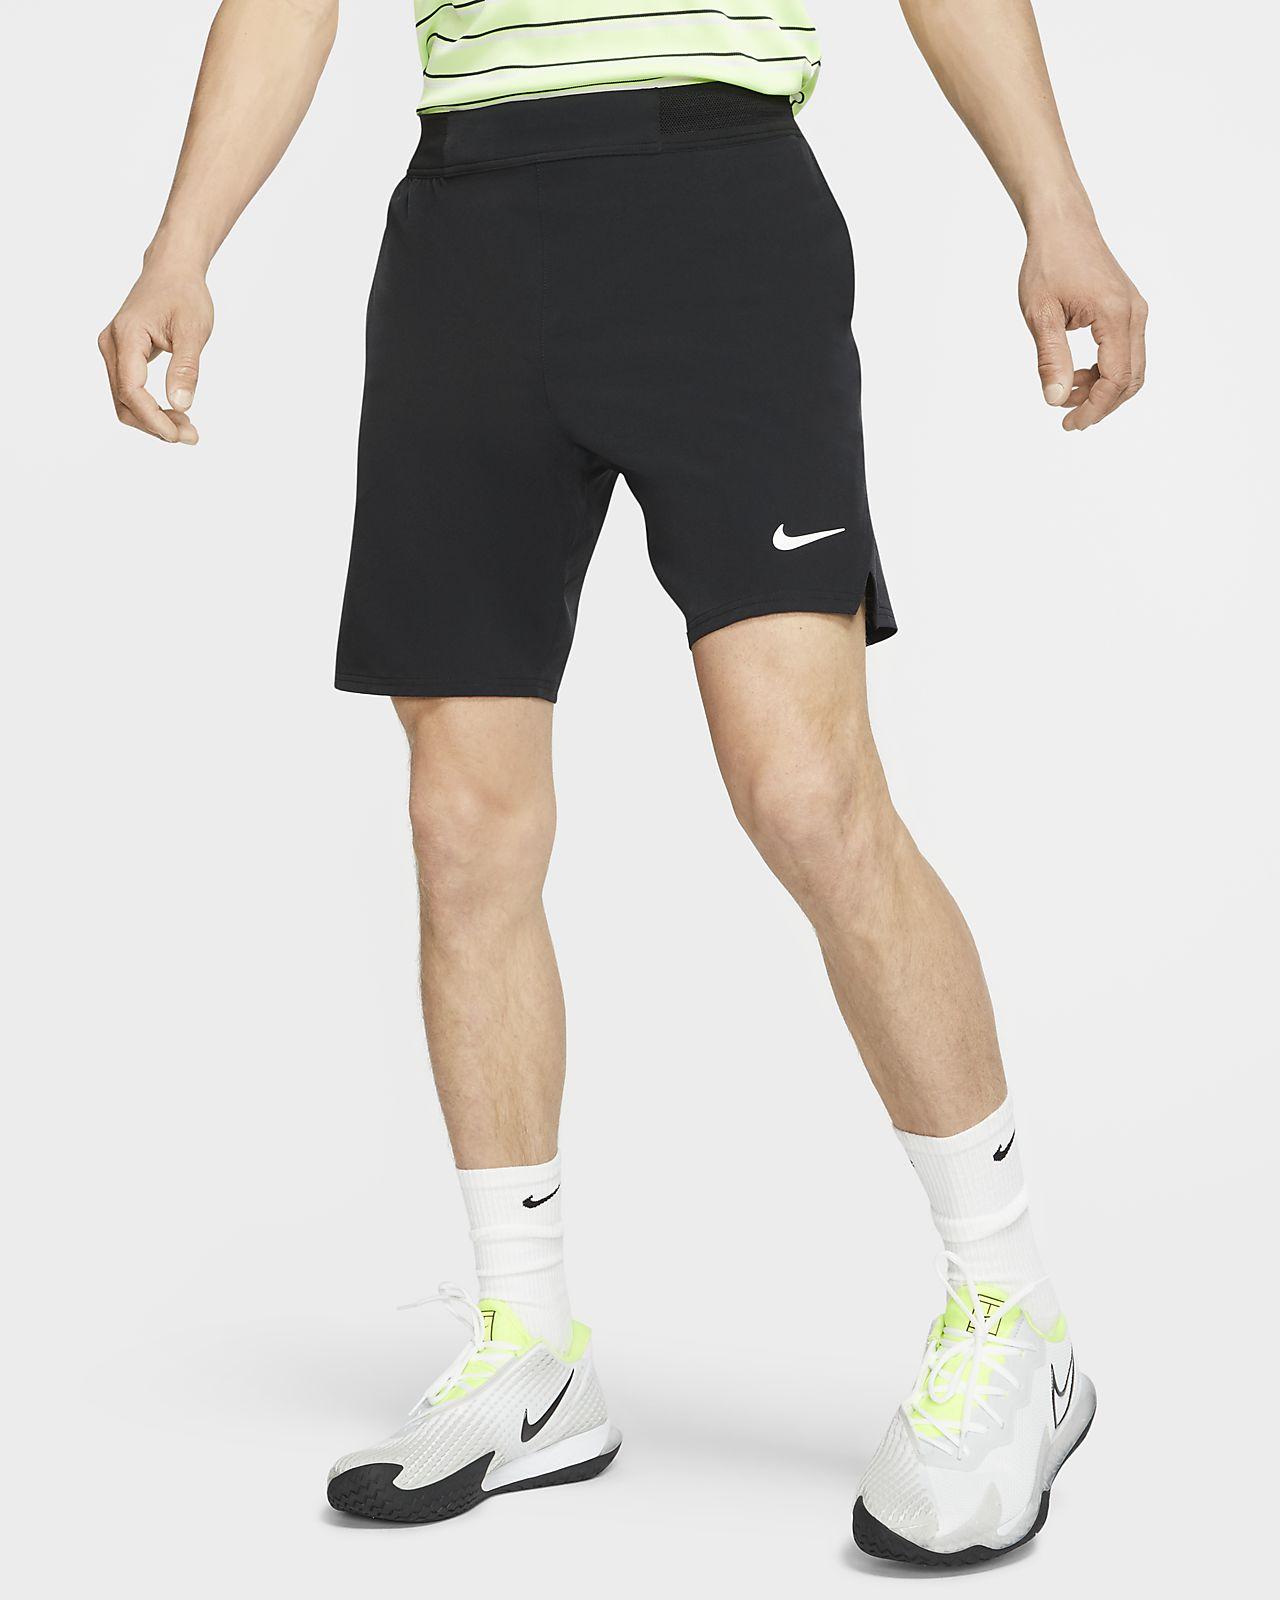 Shorts de tenis de 23 cm para hombre NikeCourt Flex Ace